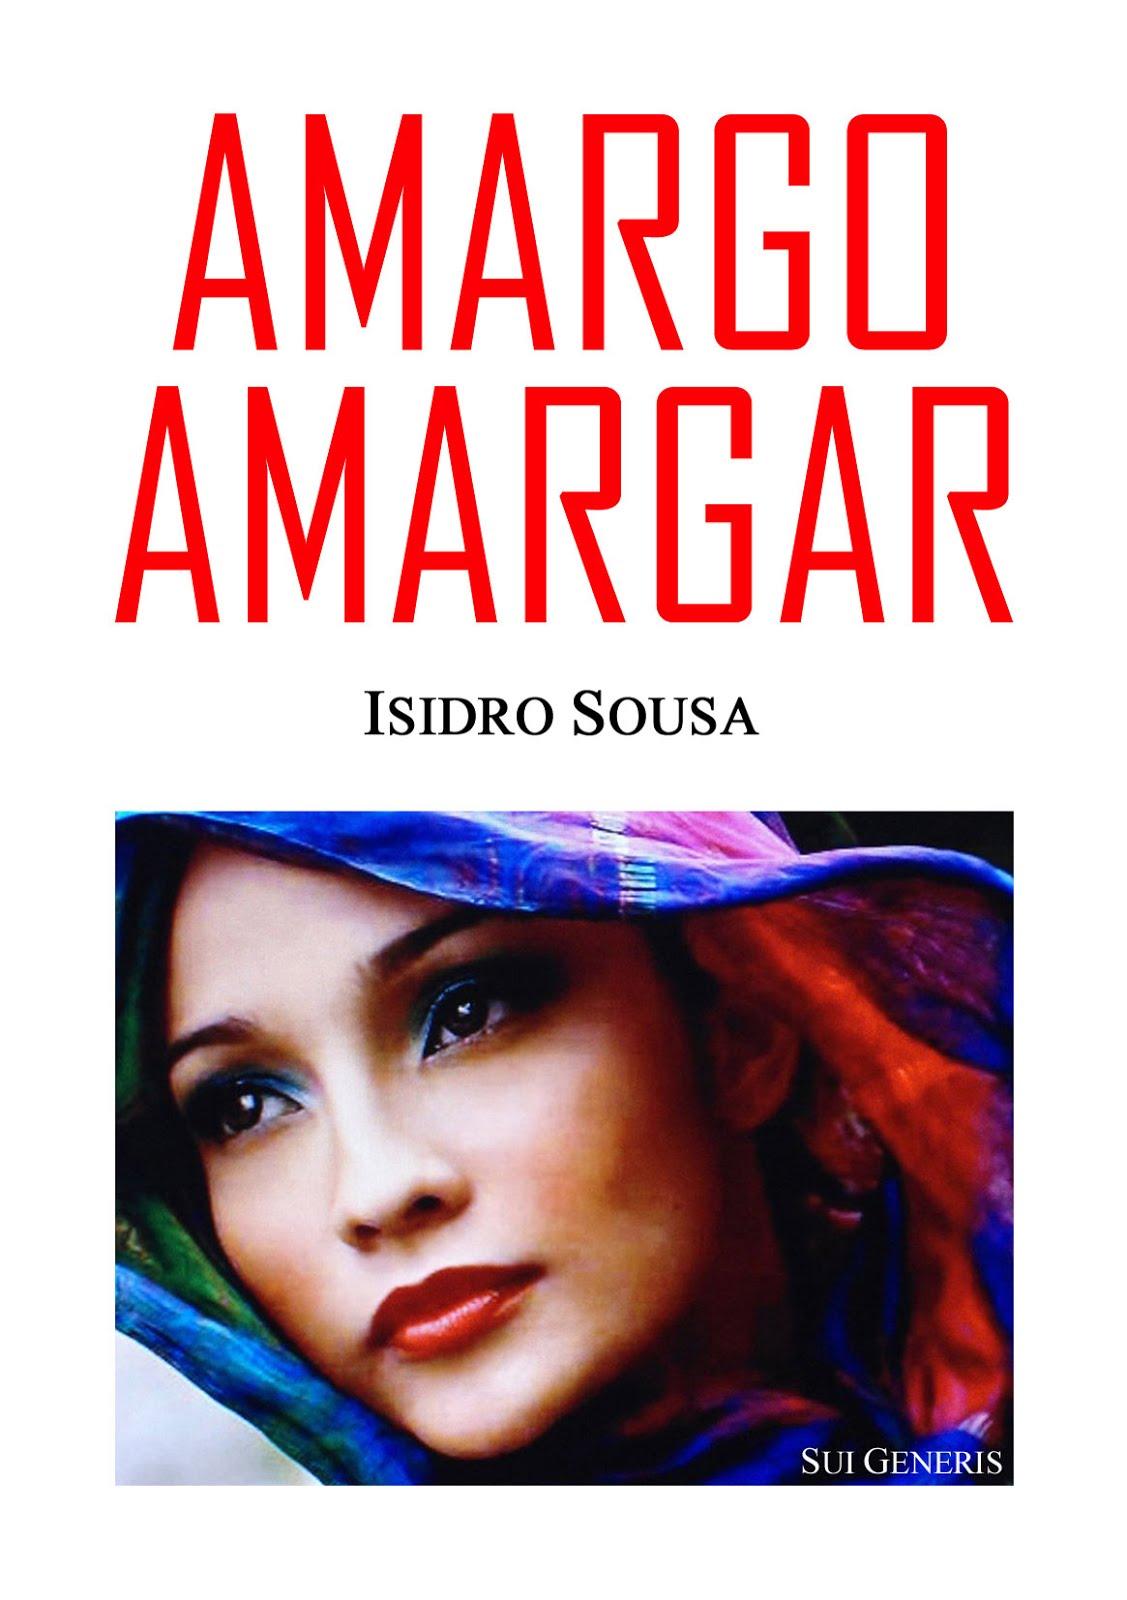 Publiquei «AMARGO AMARGAR», meu primeiro livro, com Prefácio assinado pela autora Suzete Fraga